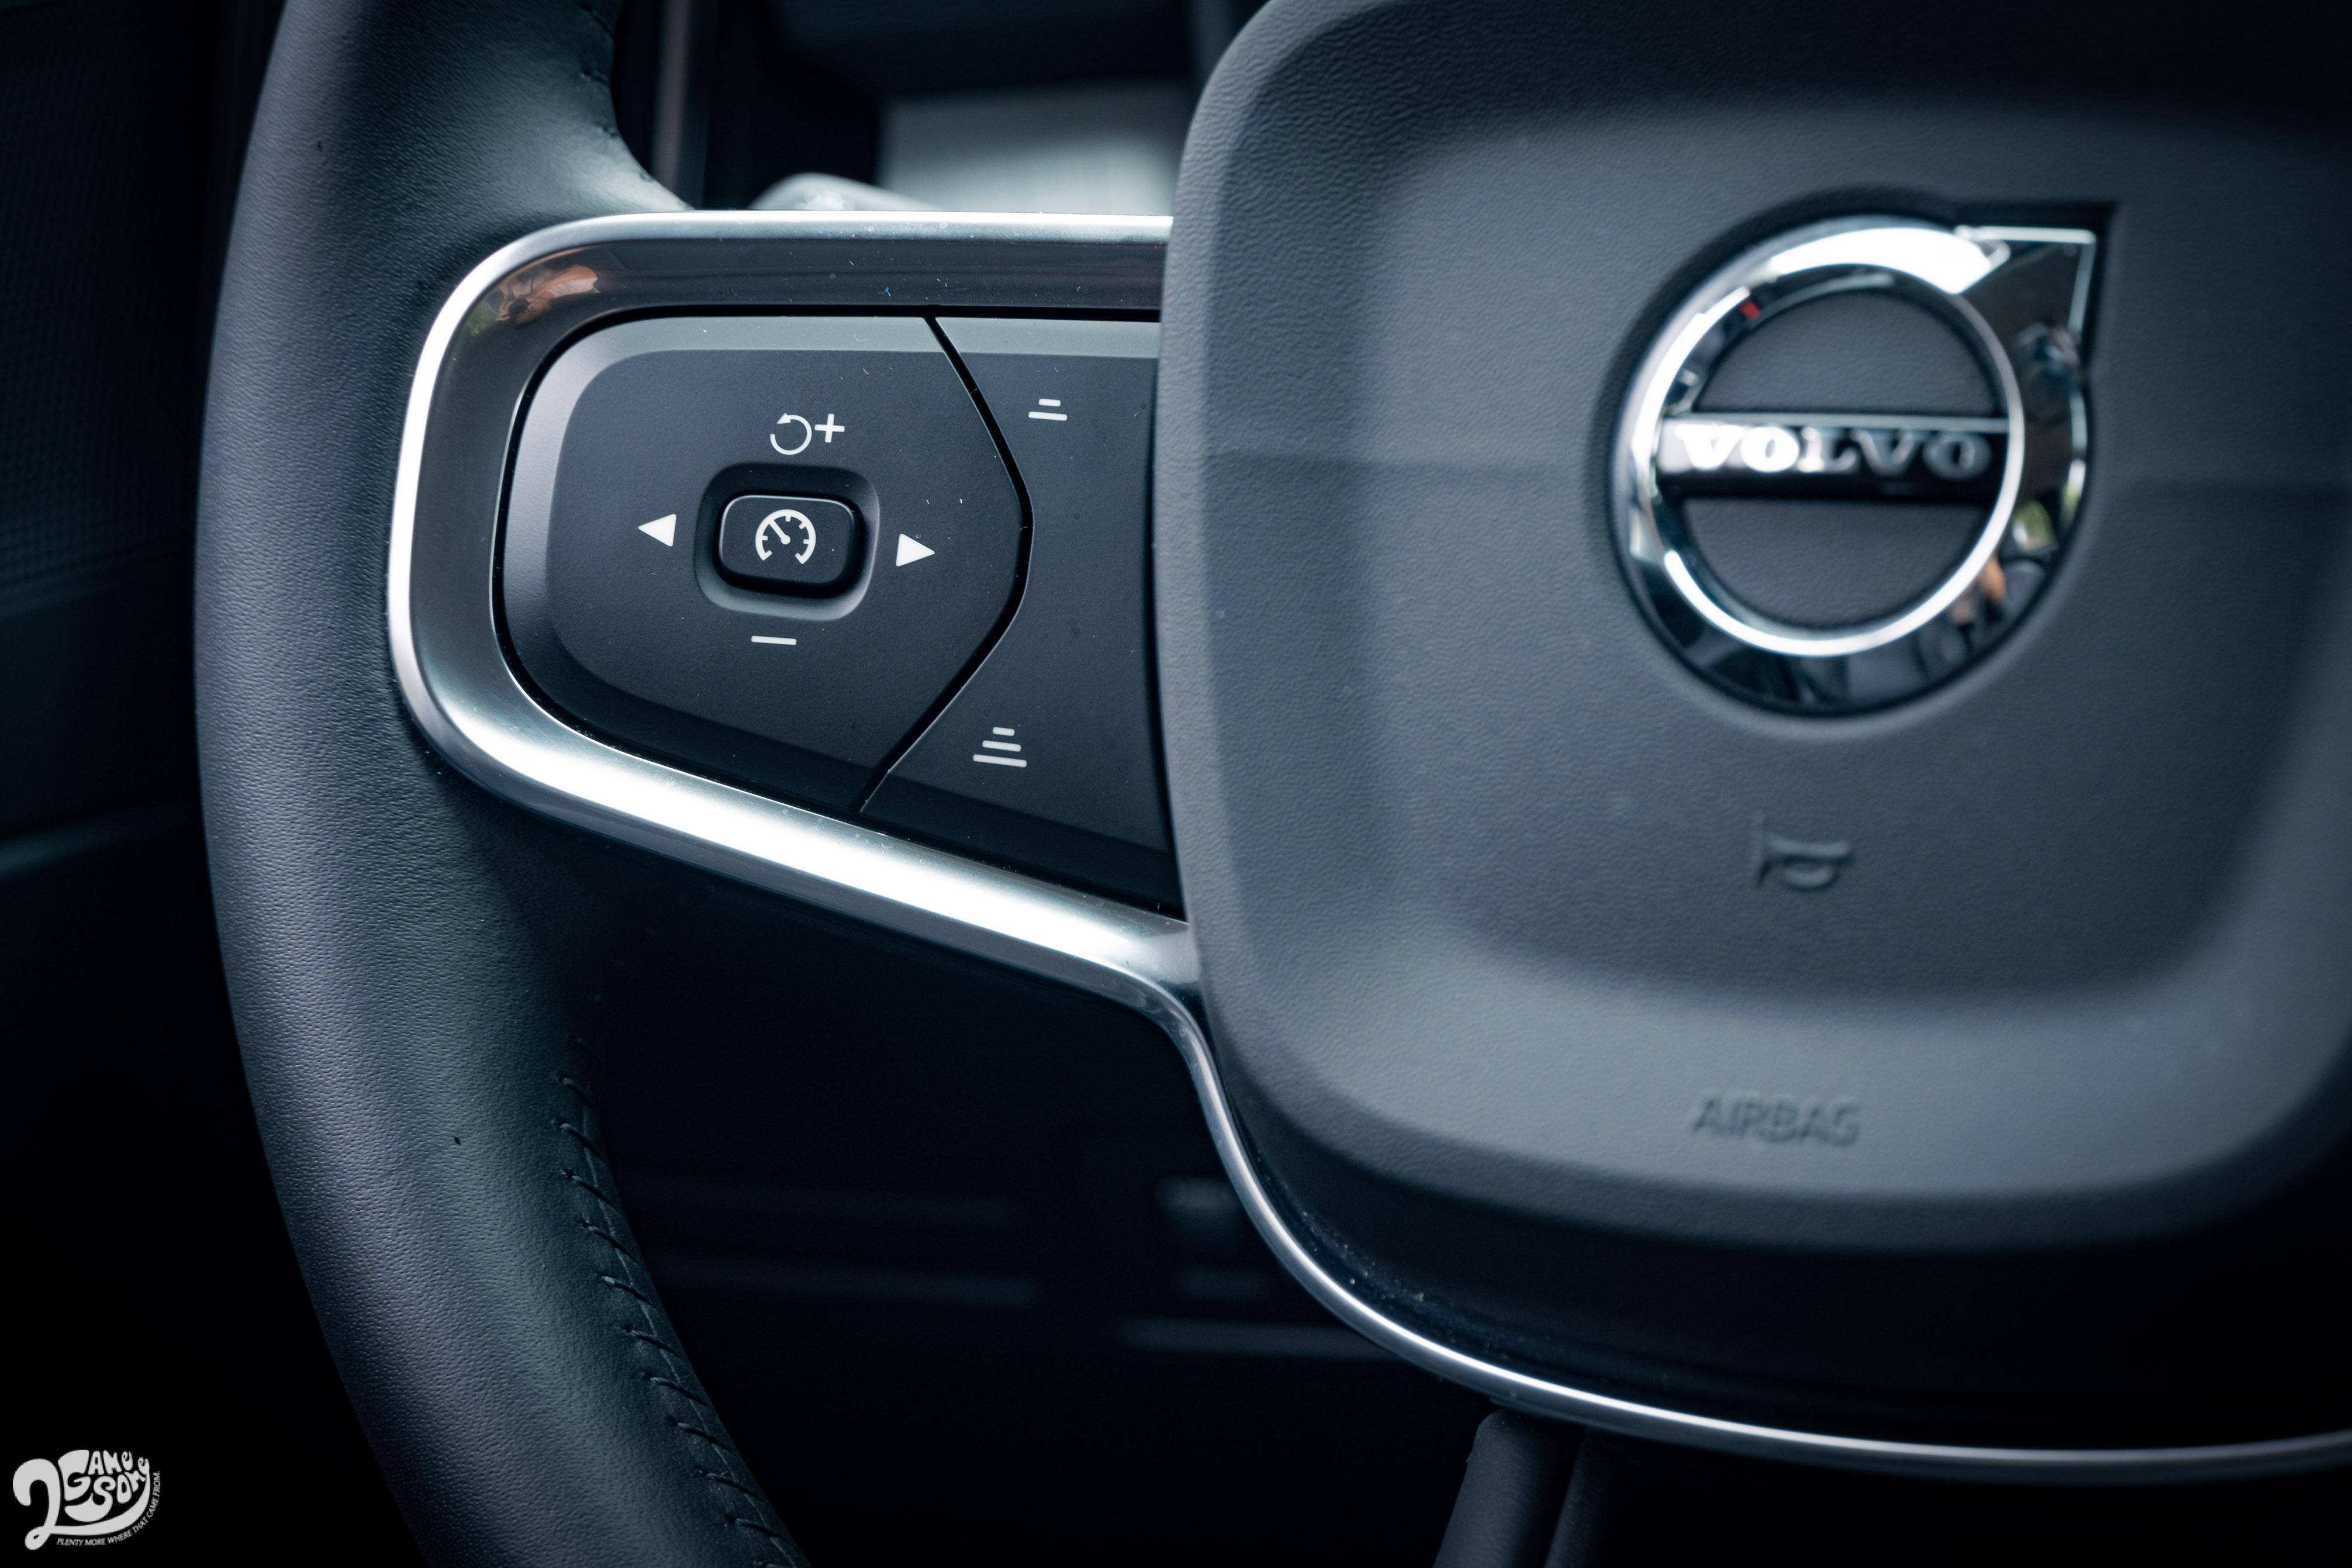 智慧駕駛功能由方向盤左側控制。